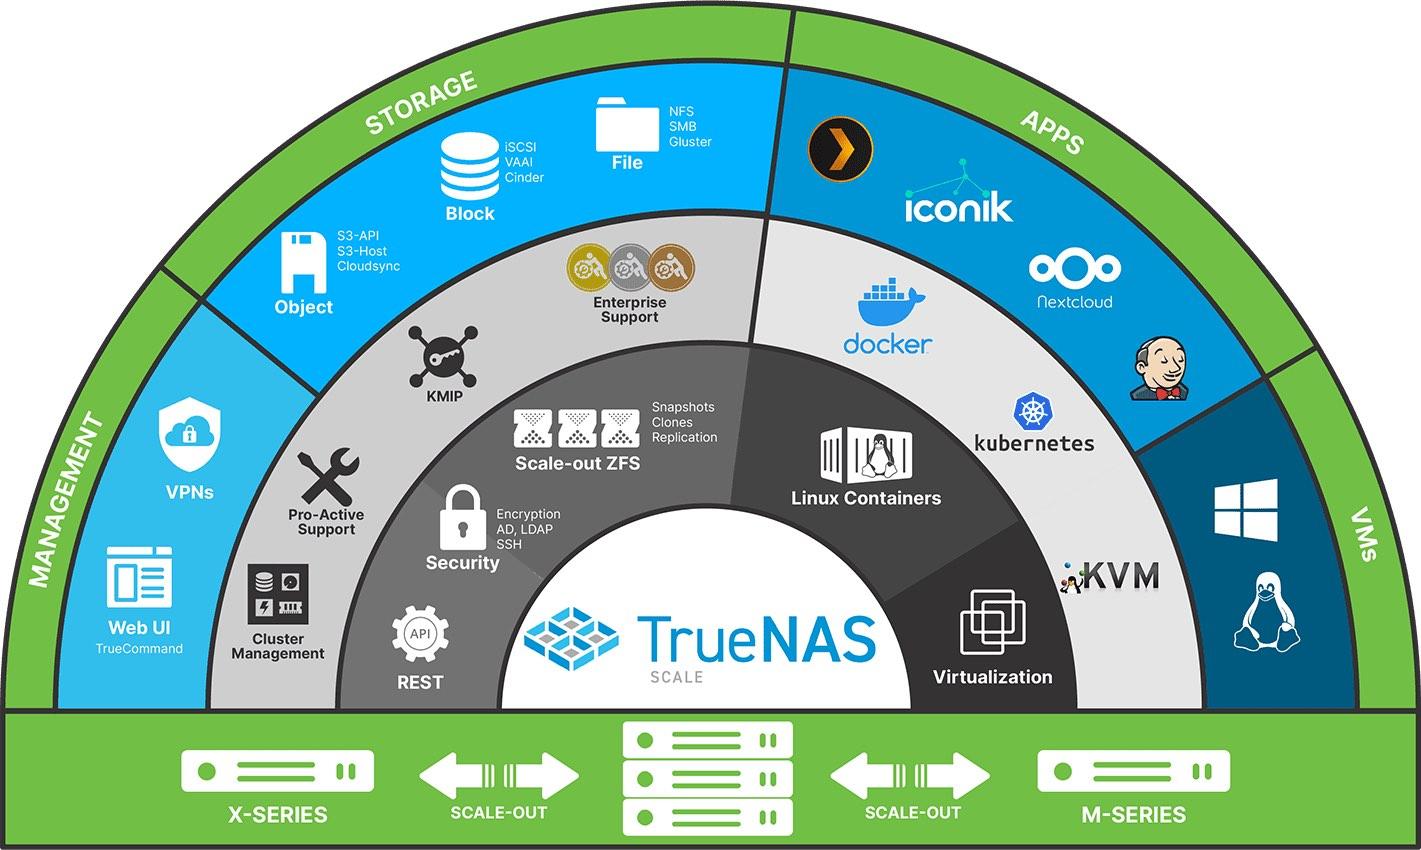 TrueNAS SCALE - TrueNAS SCALE est disponible en BETA